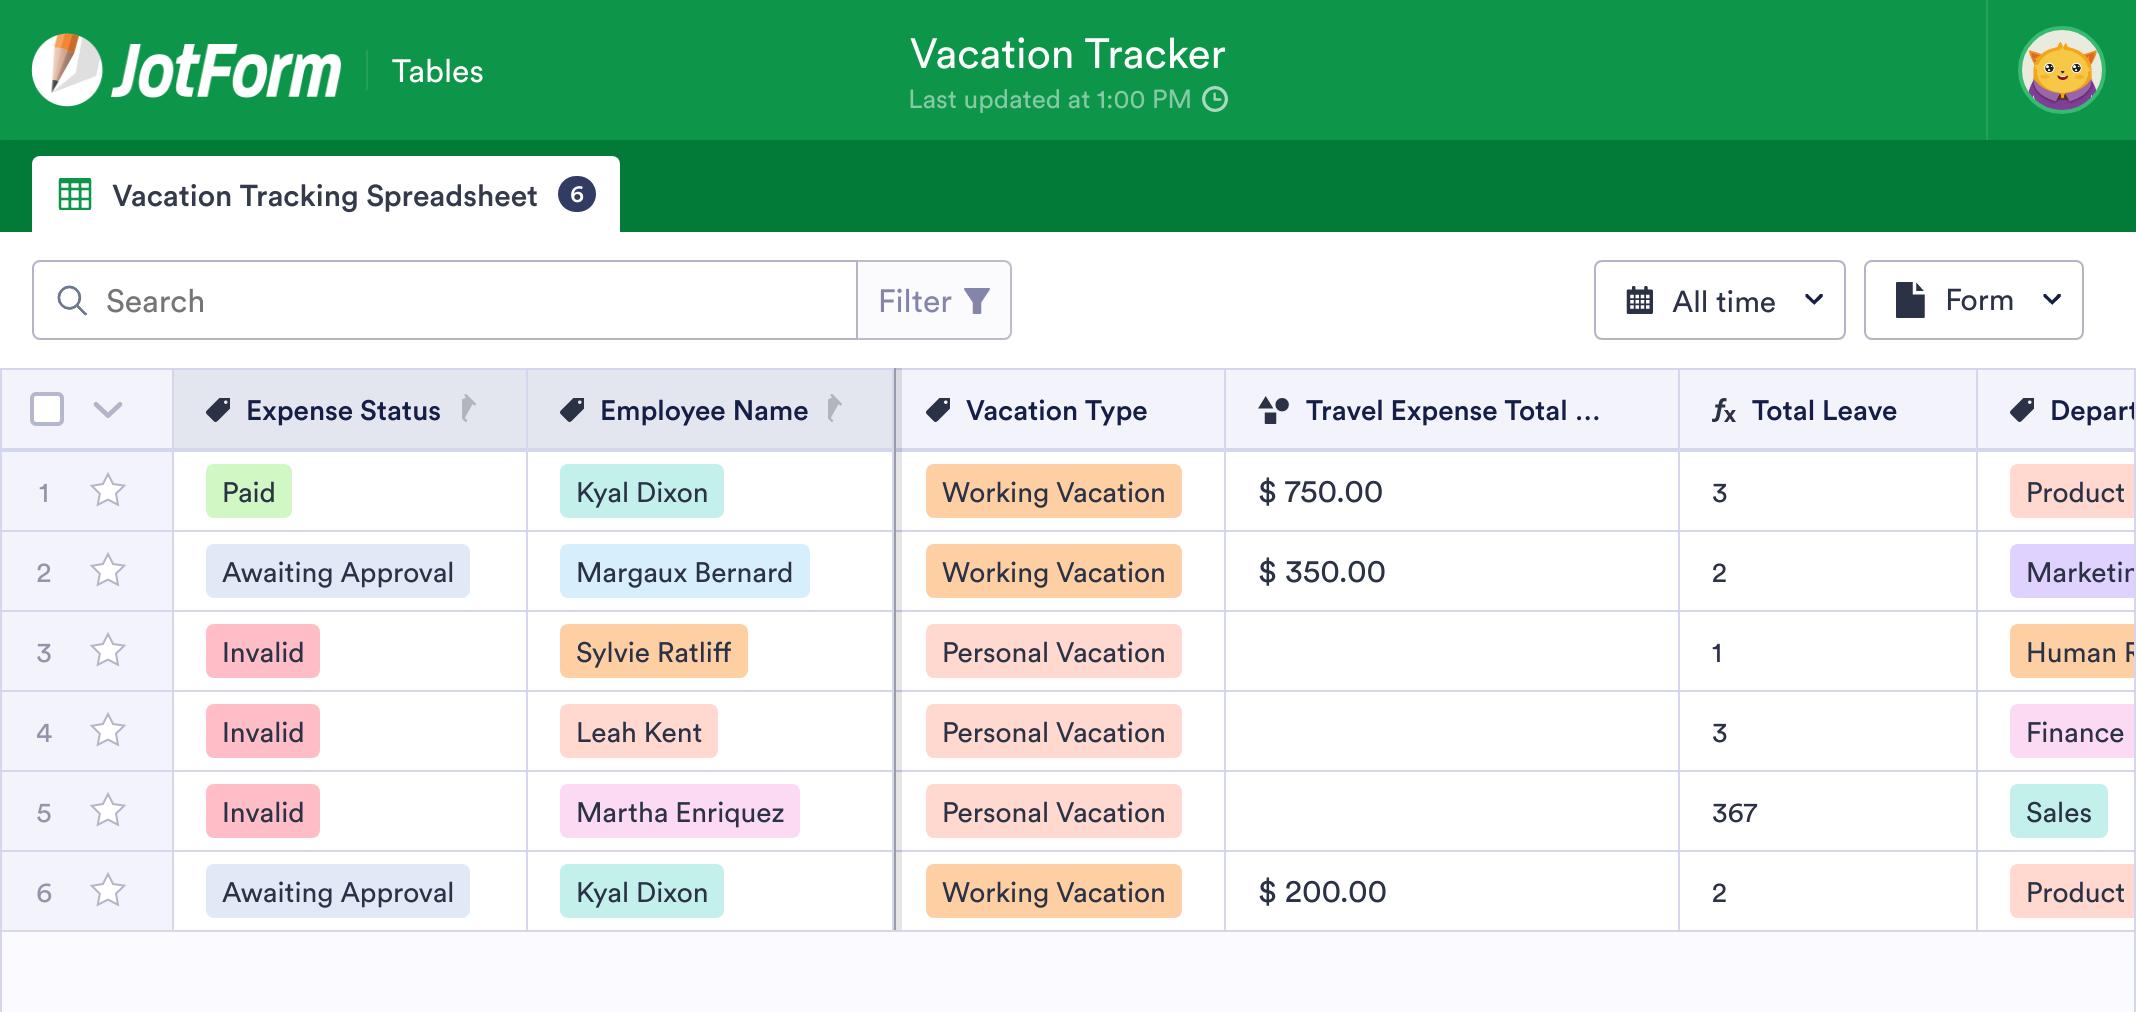 Vacation Tracker